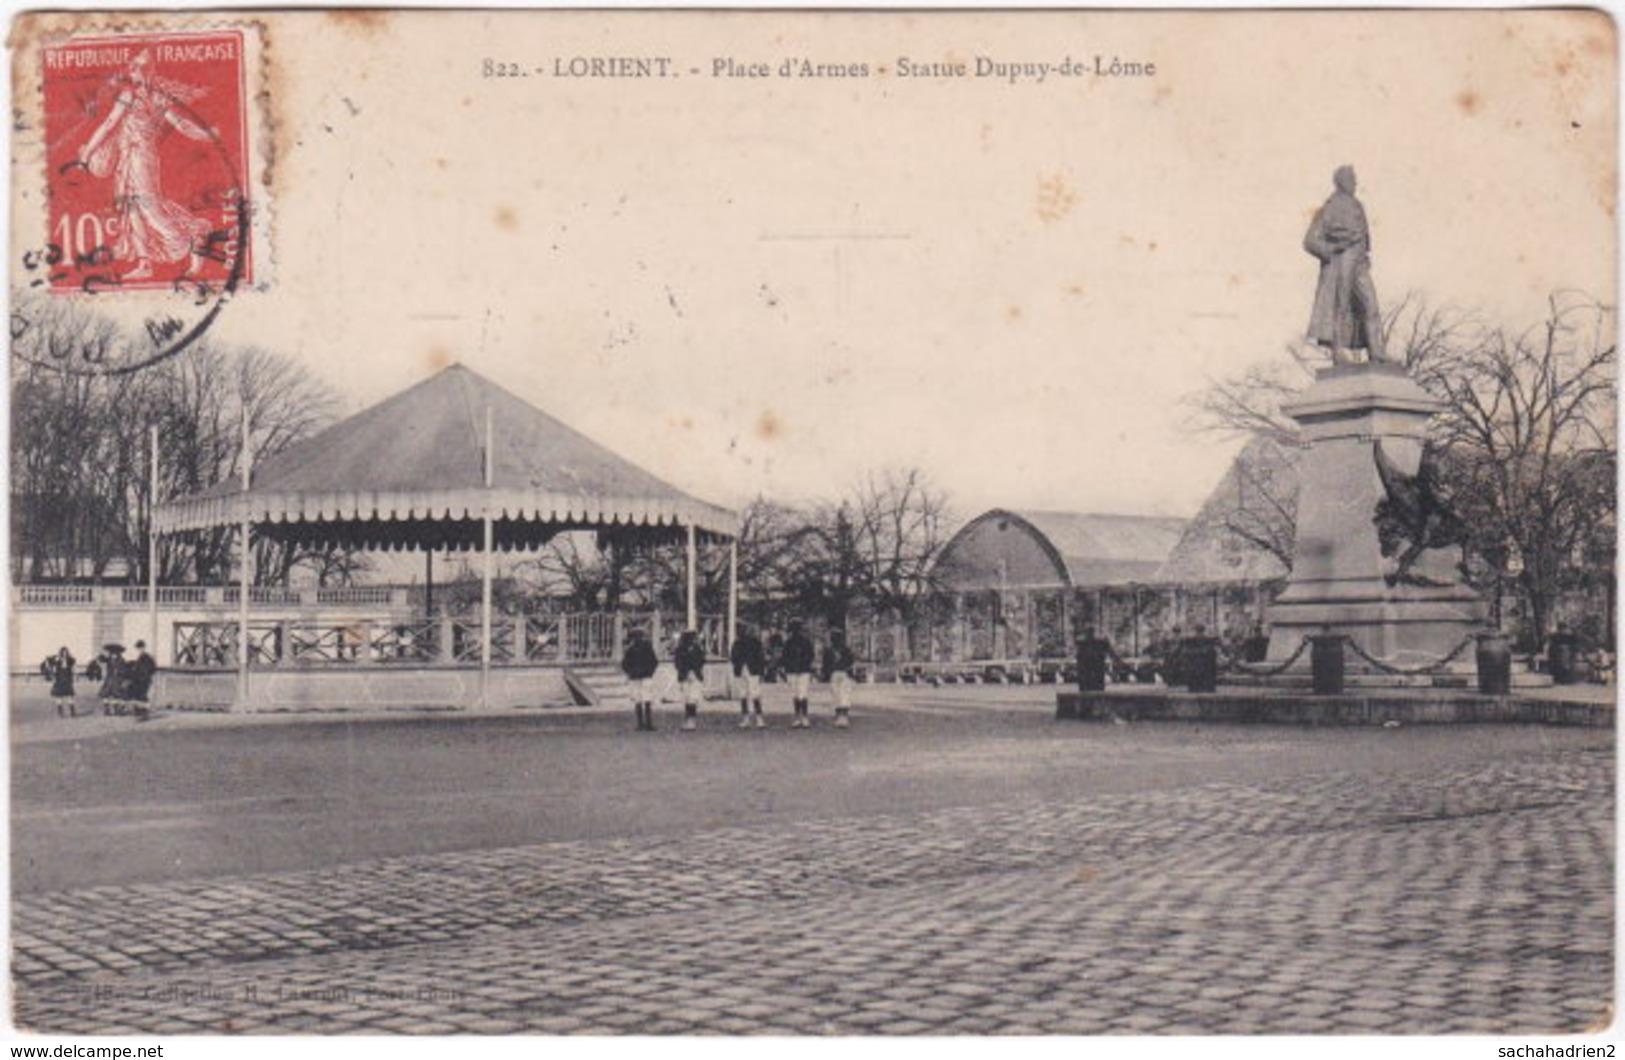 56. LORIENT. Place D'Armes. Statue Dupuy-de-Lôme. 822 - Lorient